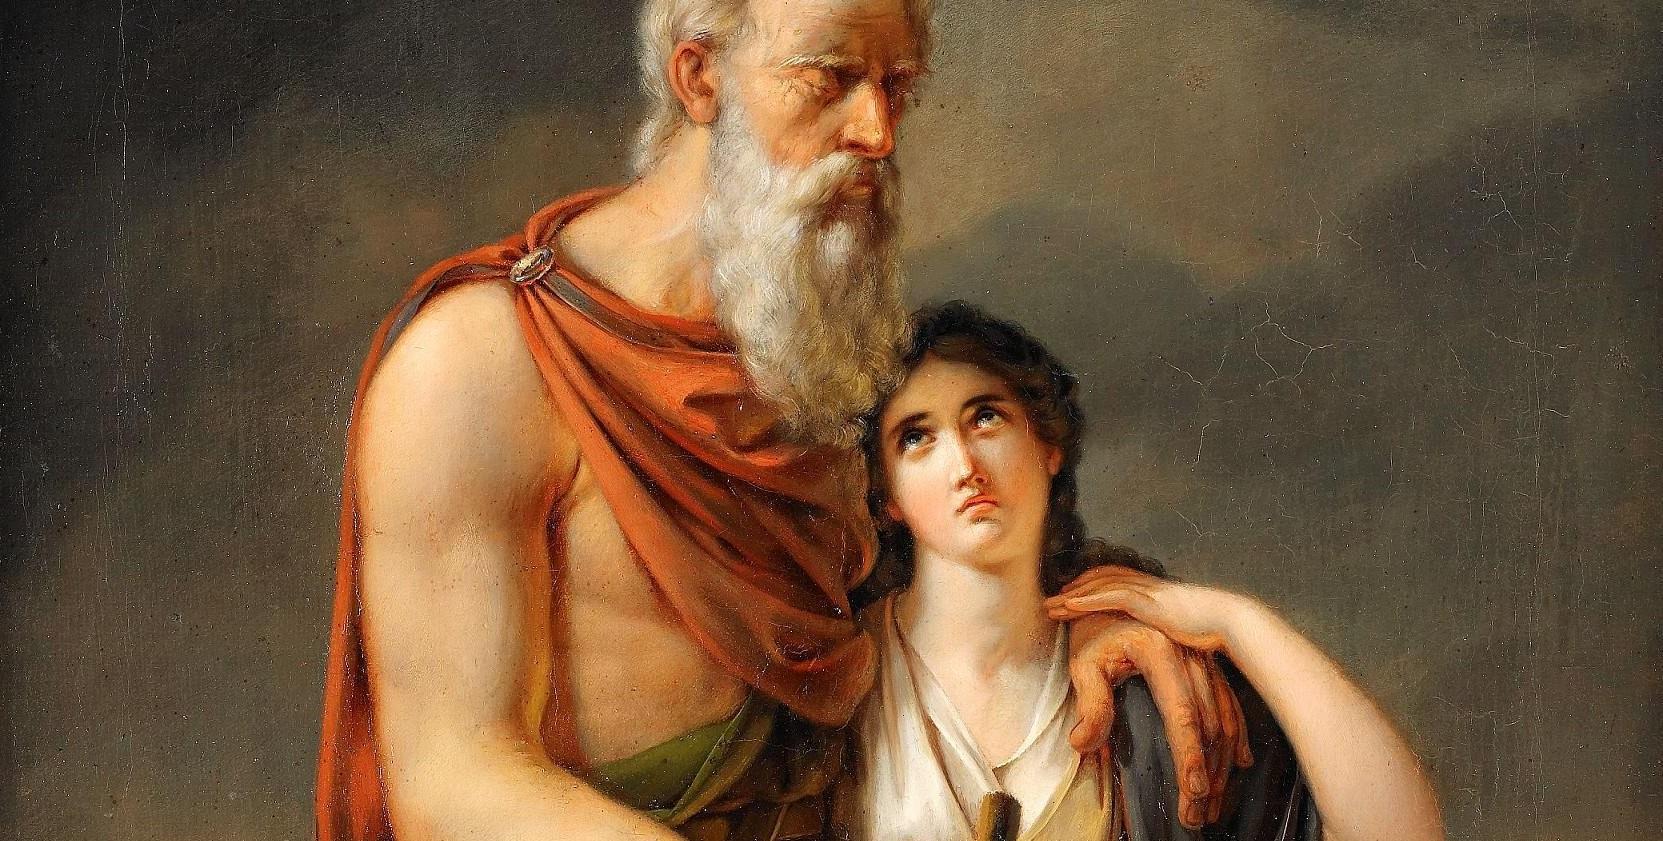 苏力:自然法、家庭伦理和女权主义——《安提戈涅》重新解读及其方法论意义